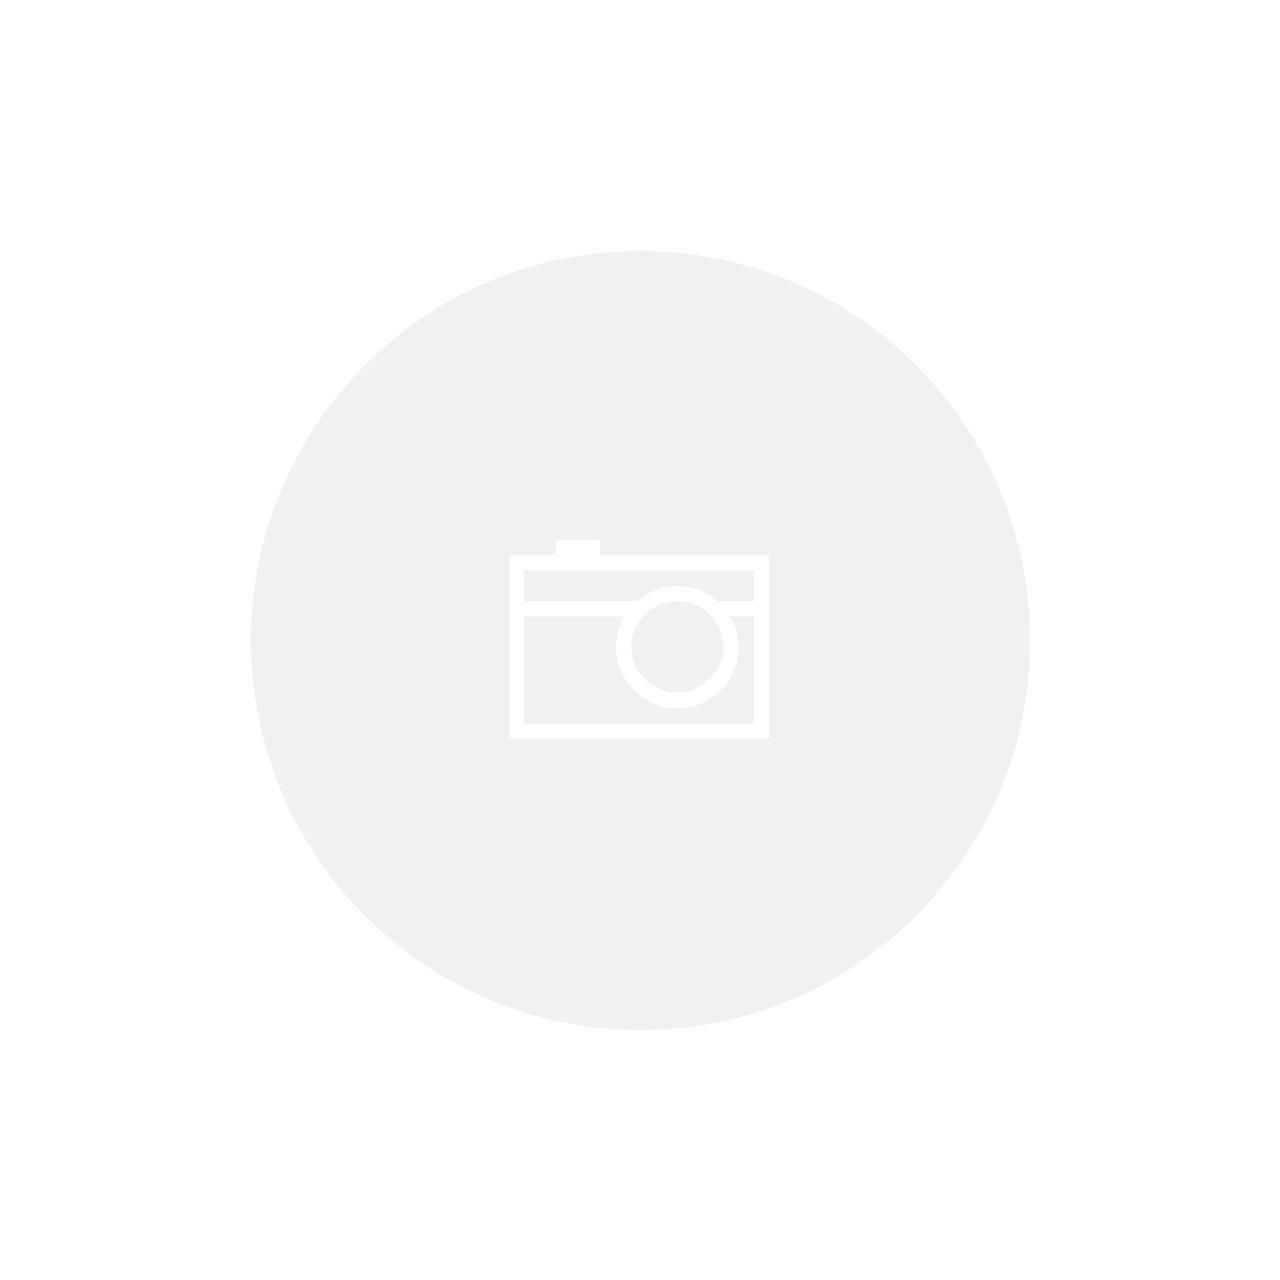 Lamicote Textura 180g - Ref. 11 Ouro